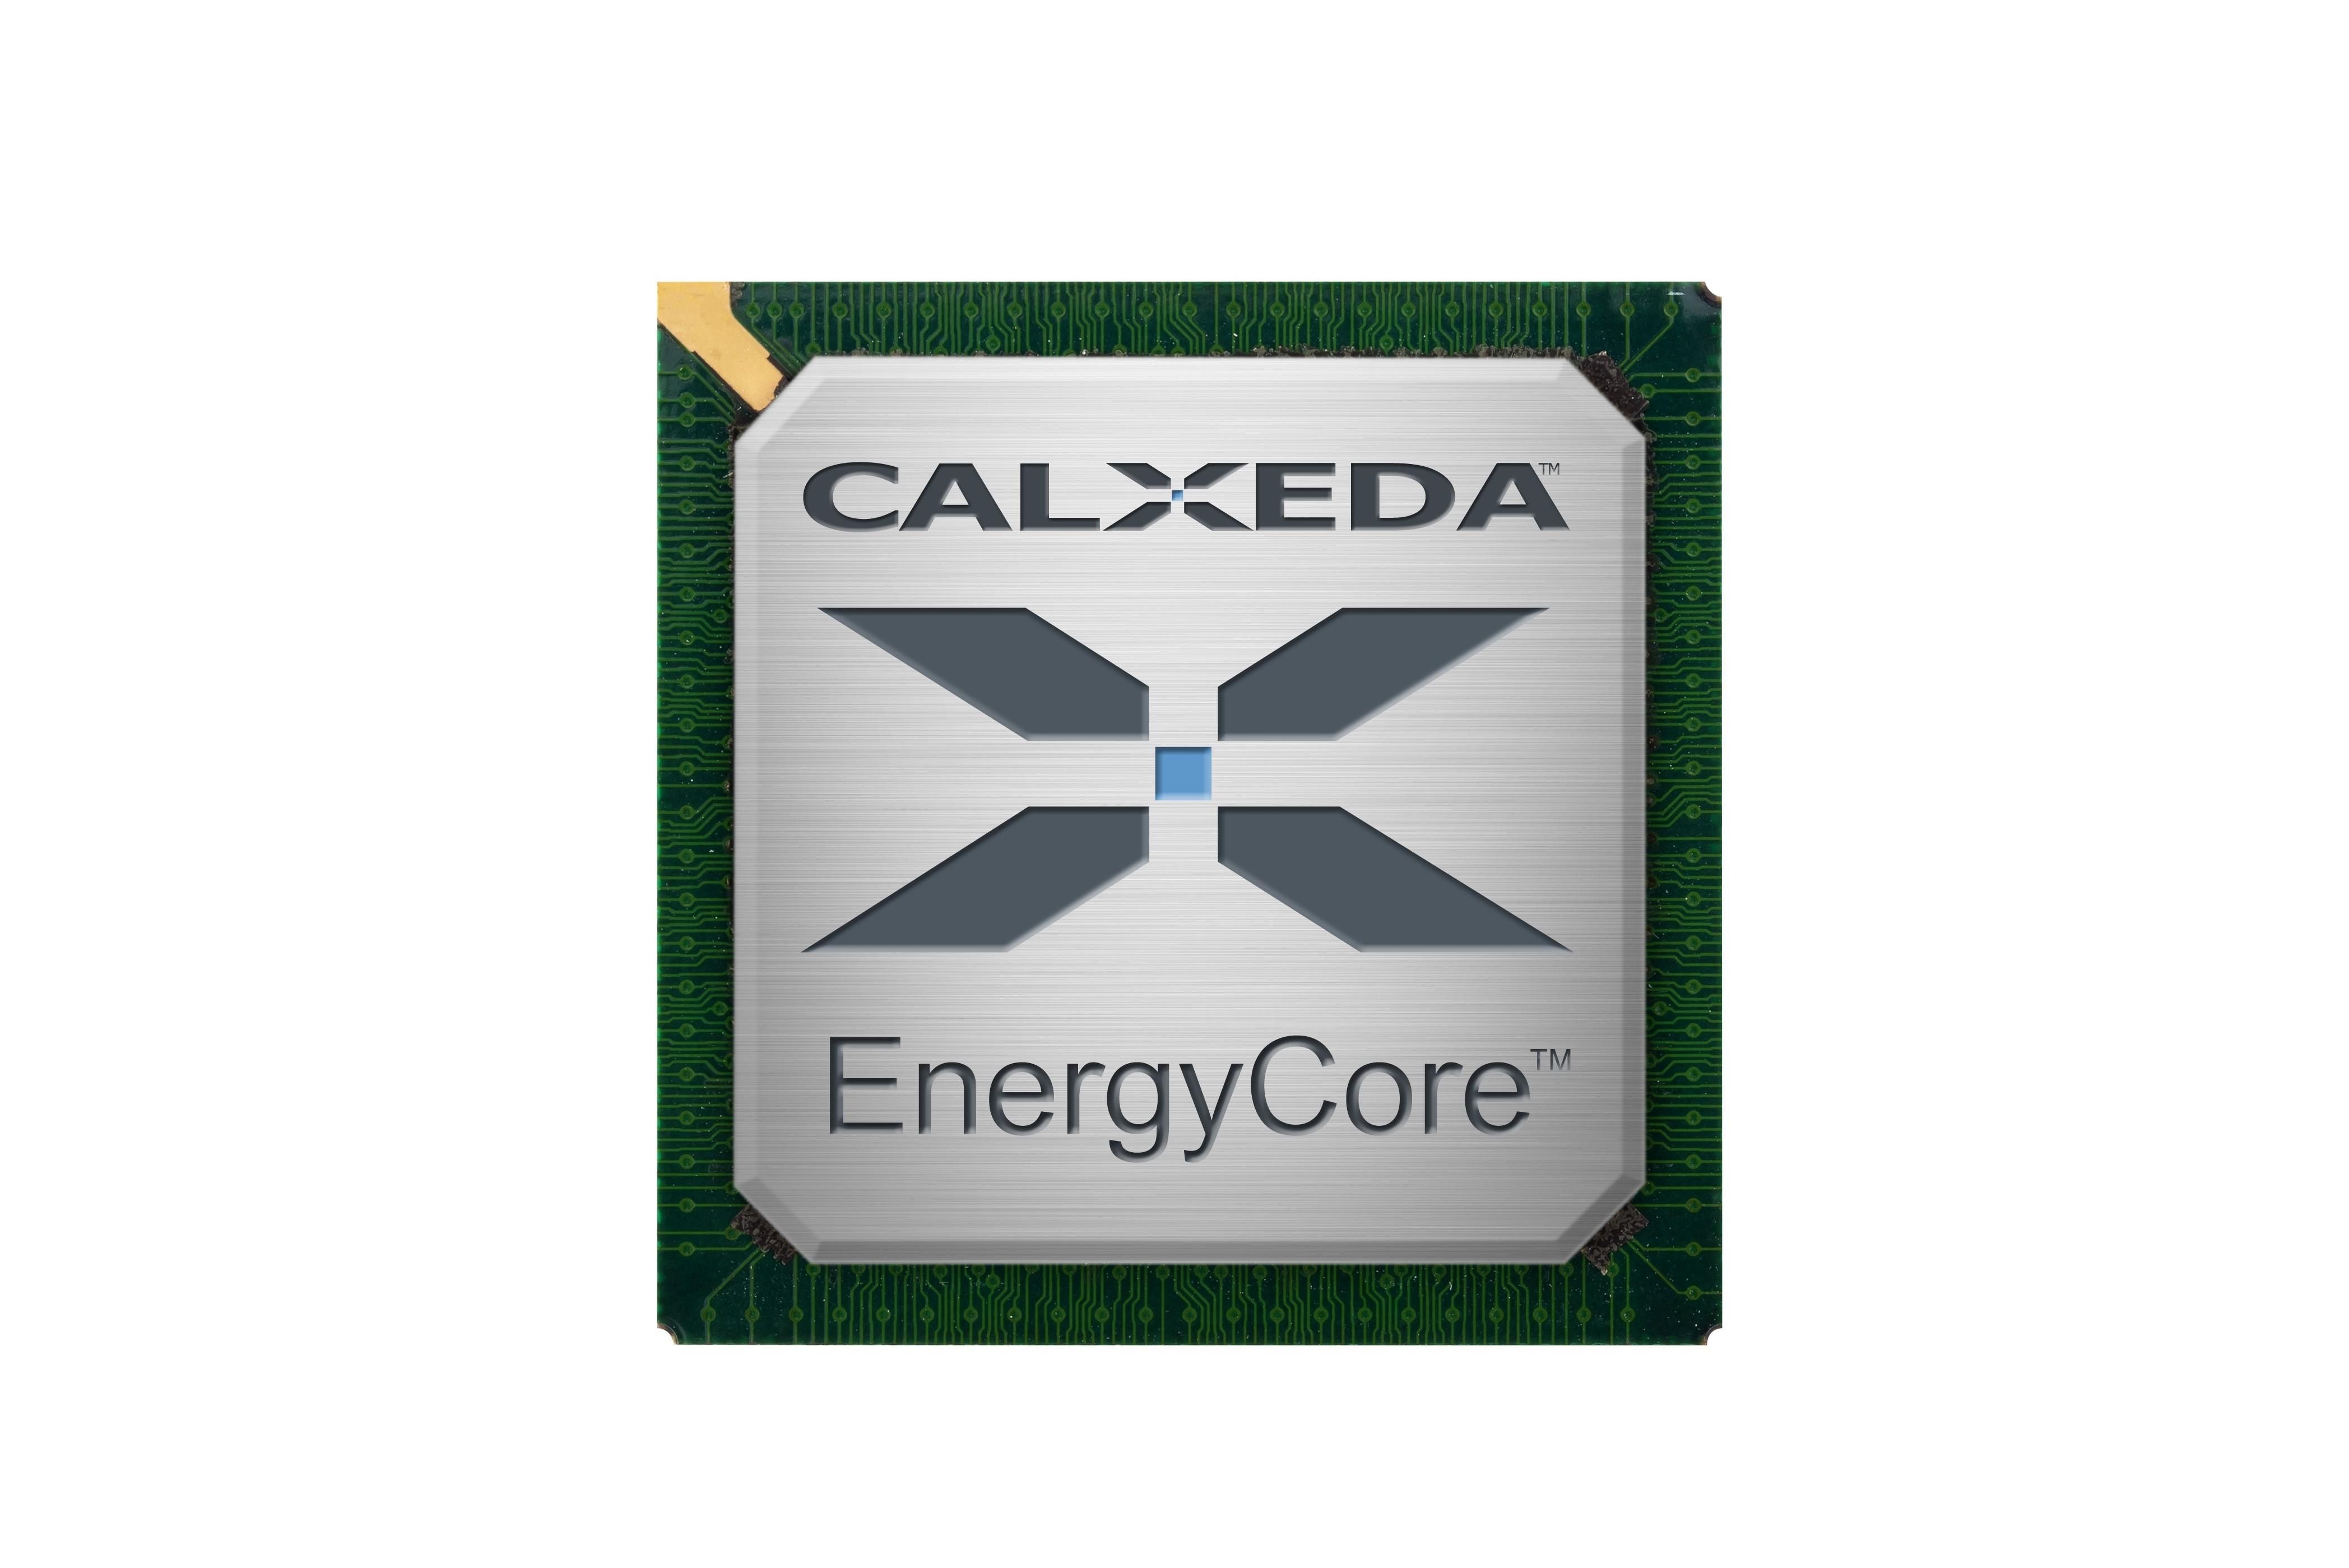 Calxeda EnergyCore Image_